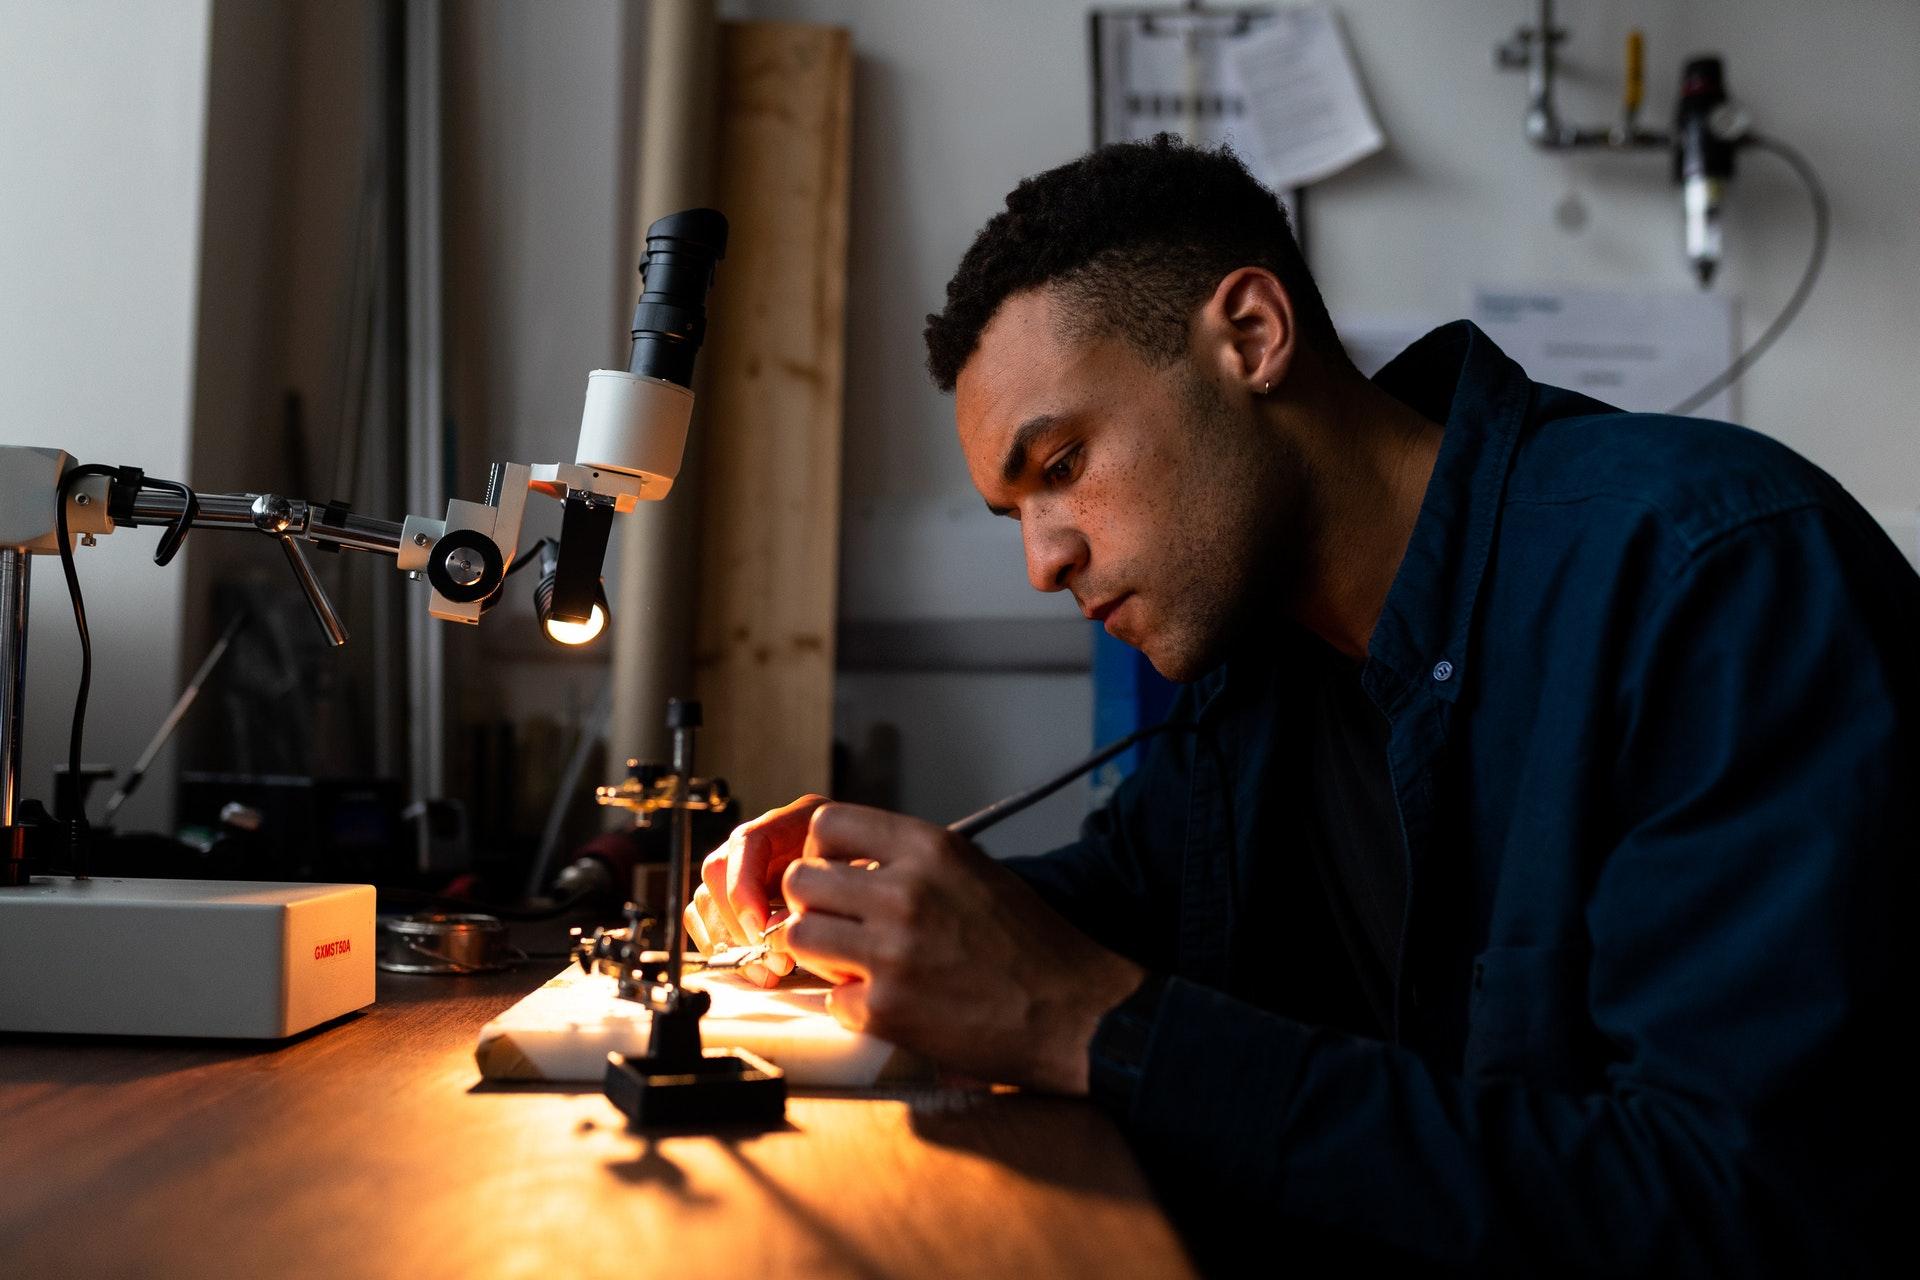 Ein Elektroingenieur entwickelt etwas neues